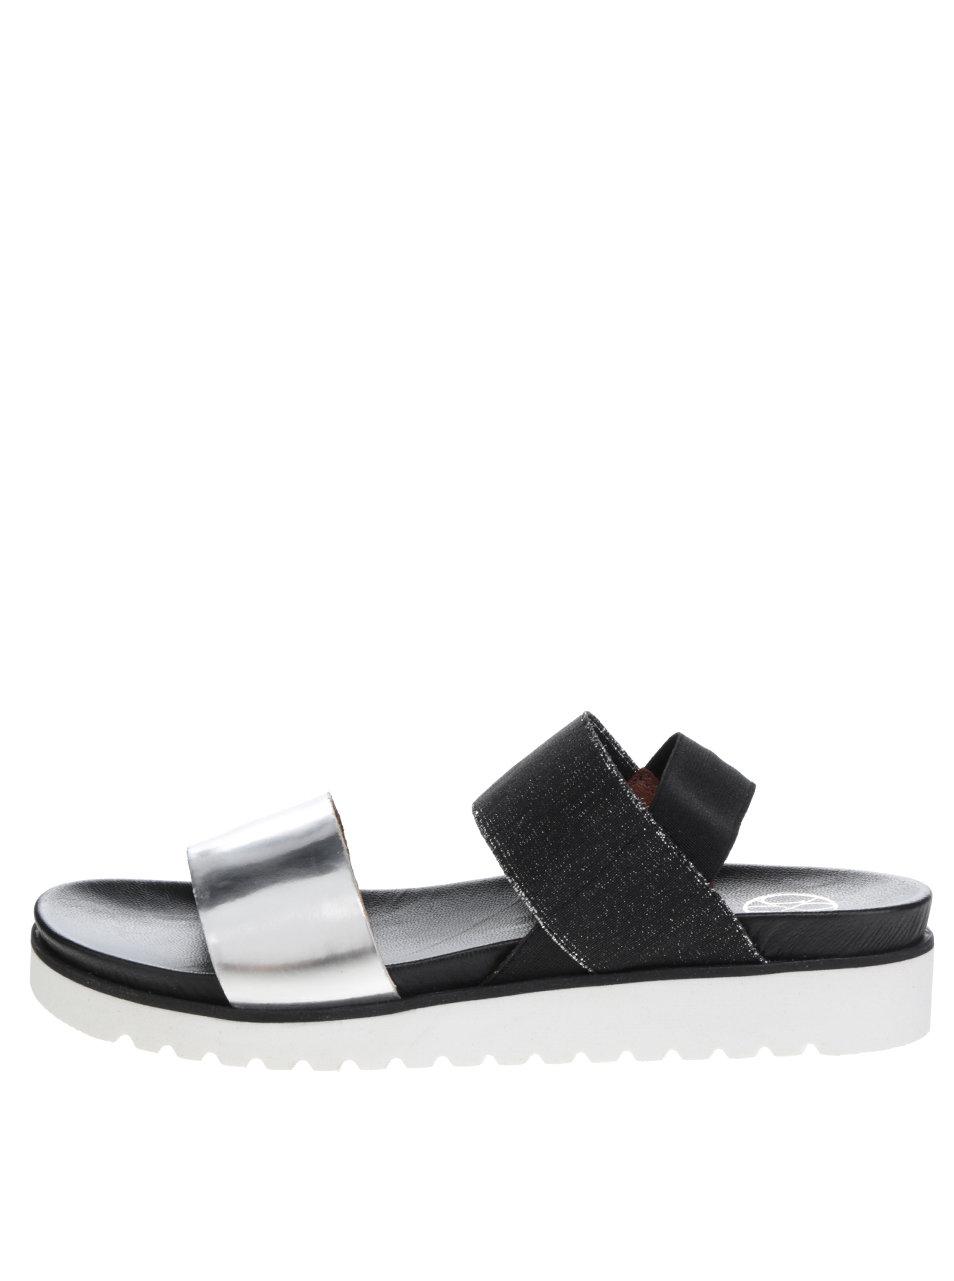 a1edc9622770 Dámske sandále v strieborno-čiernej farbe OJJU ...